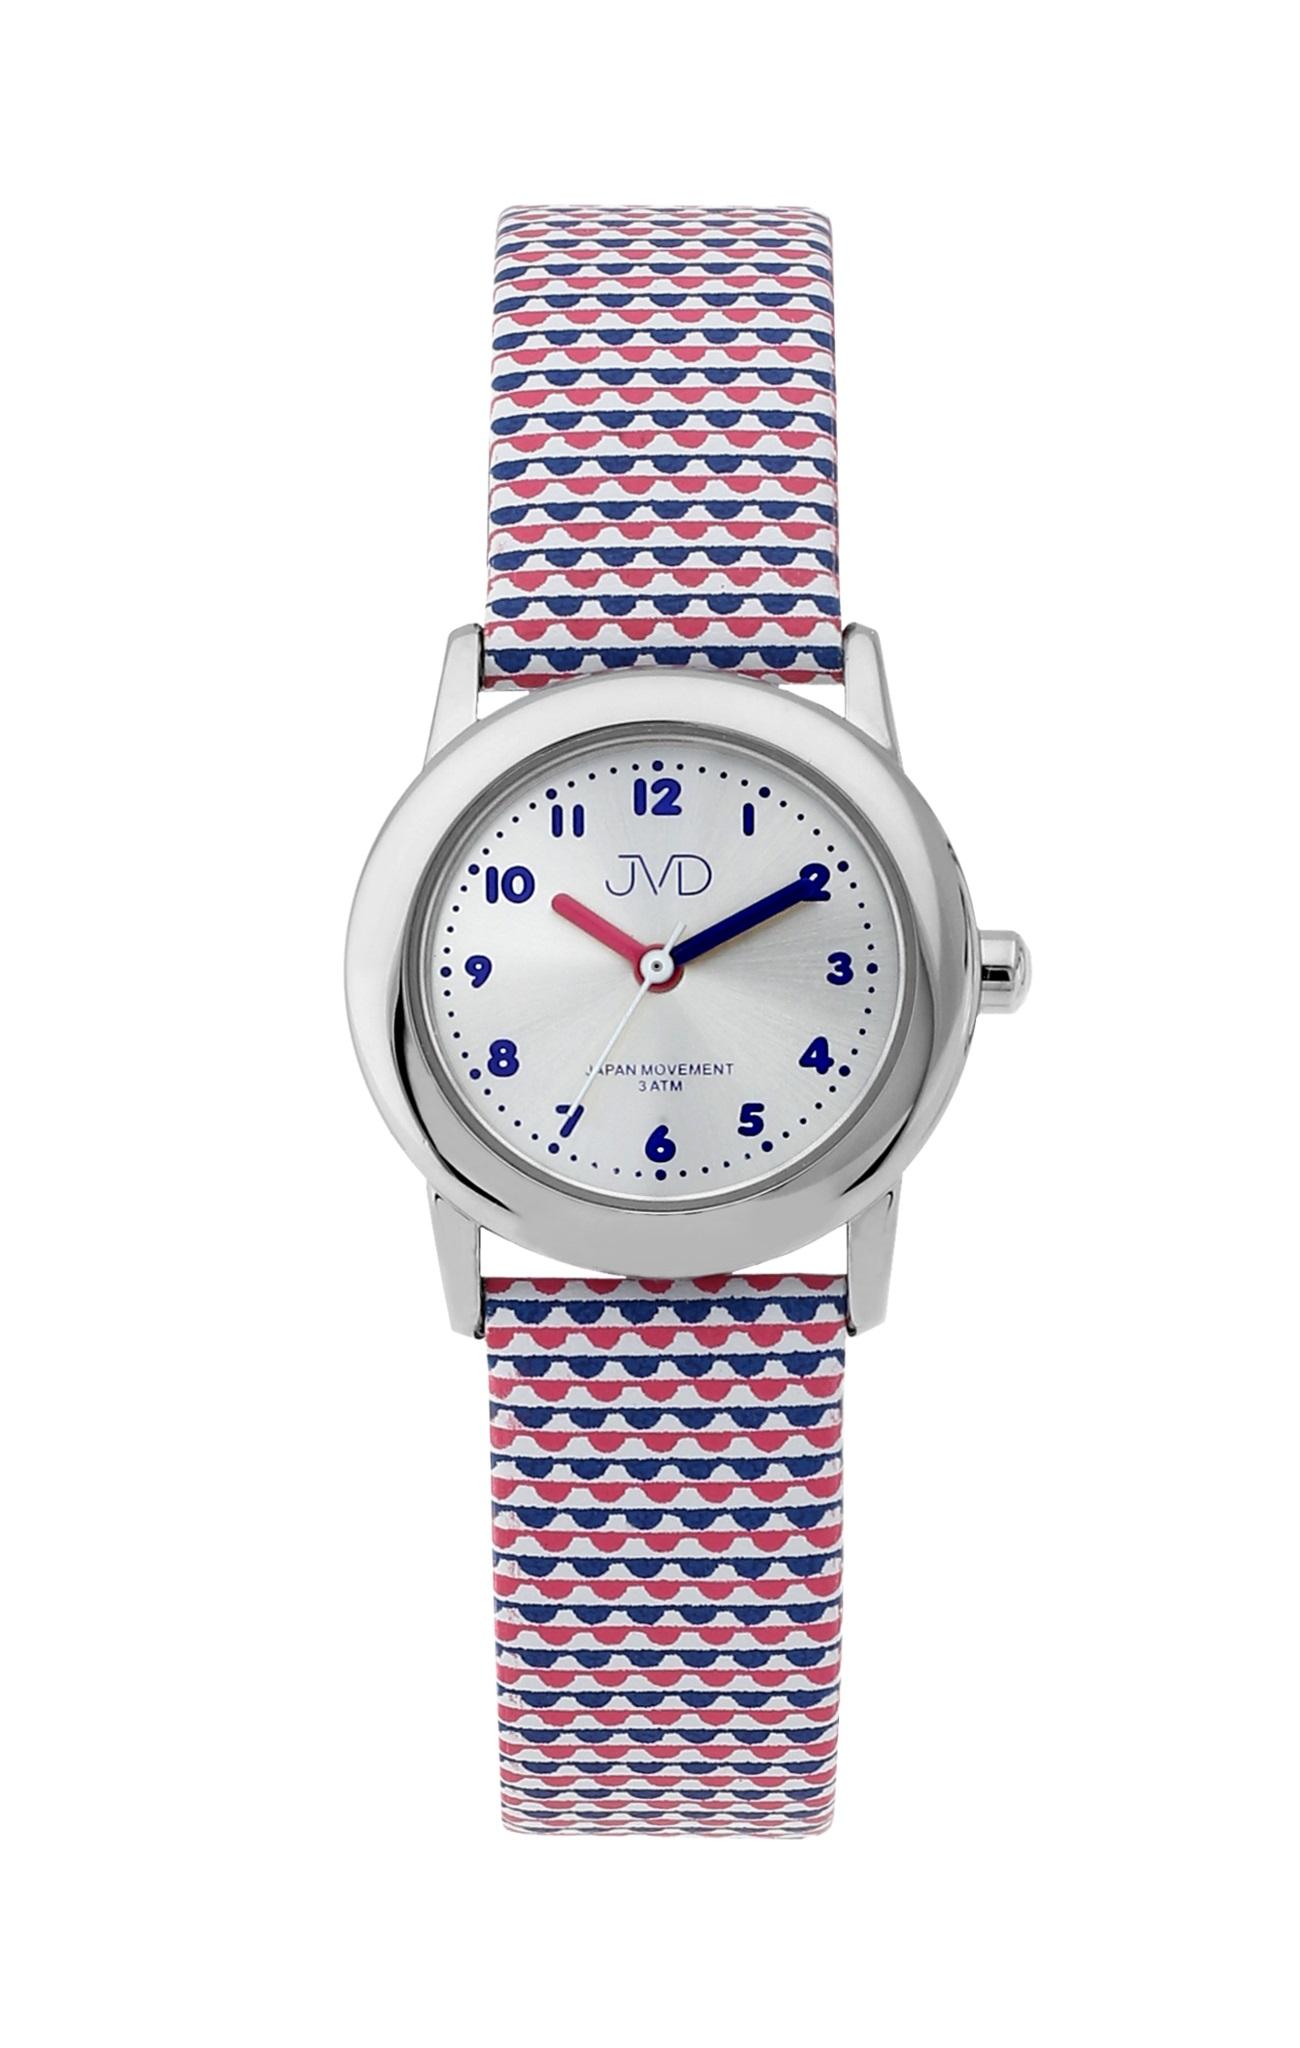 Dětské dívčí náramkové hodinky JVD J7180.3 (dívčí dětské hodinky)